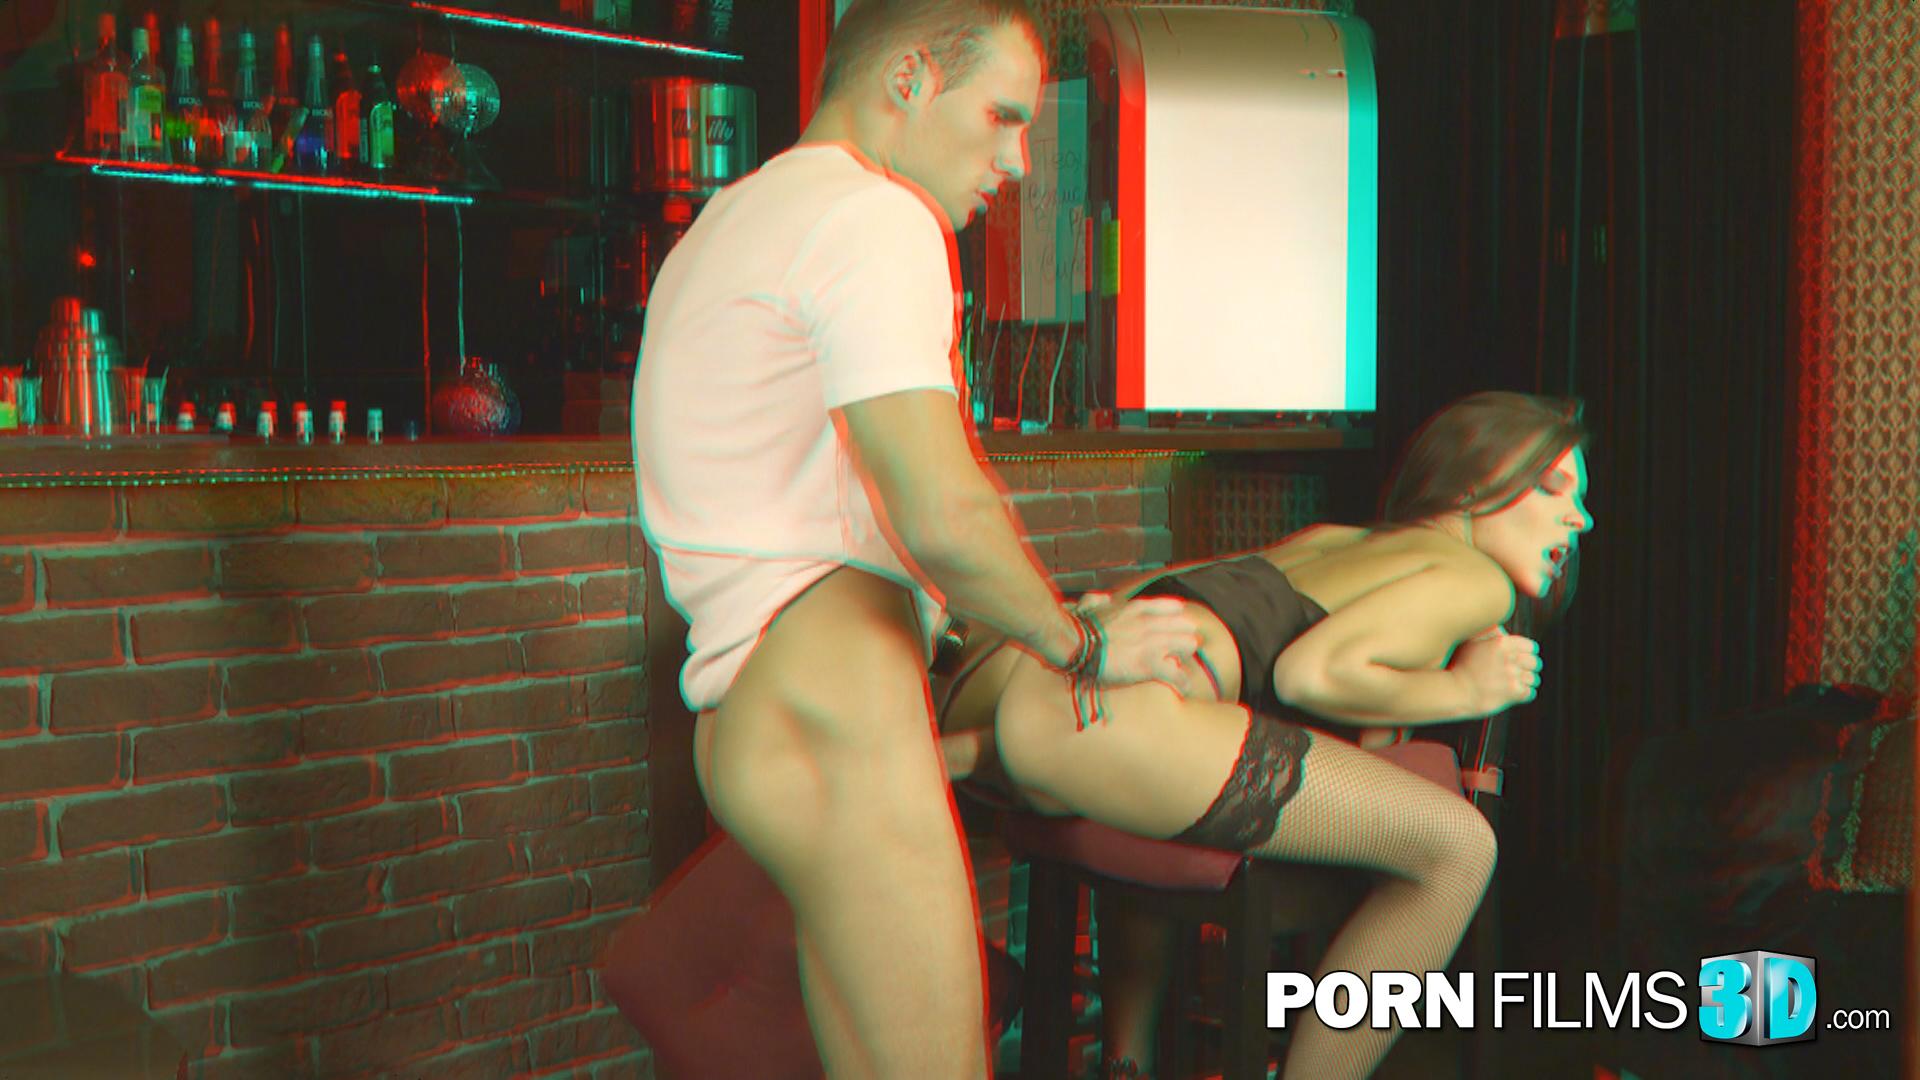 Смотреть онлайн 3d порно ролики 21 фотография